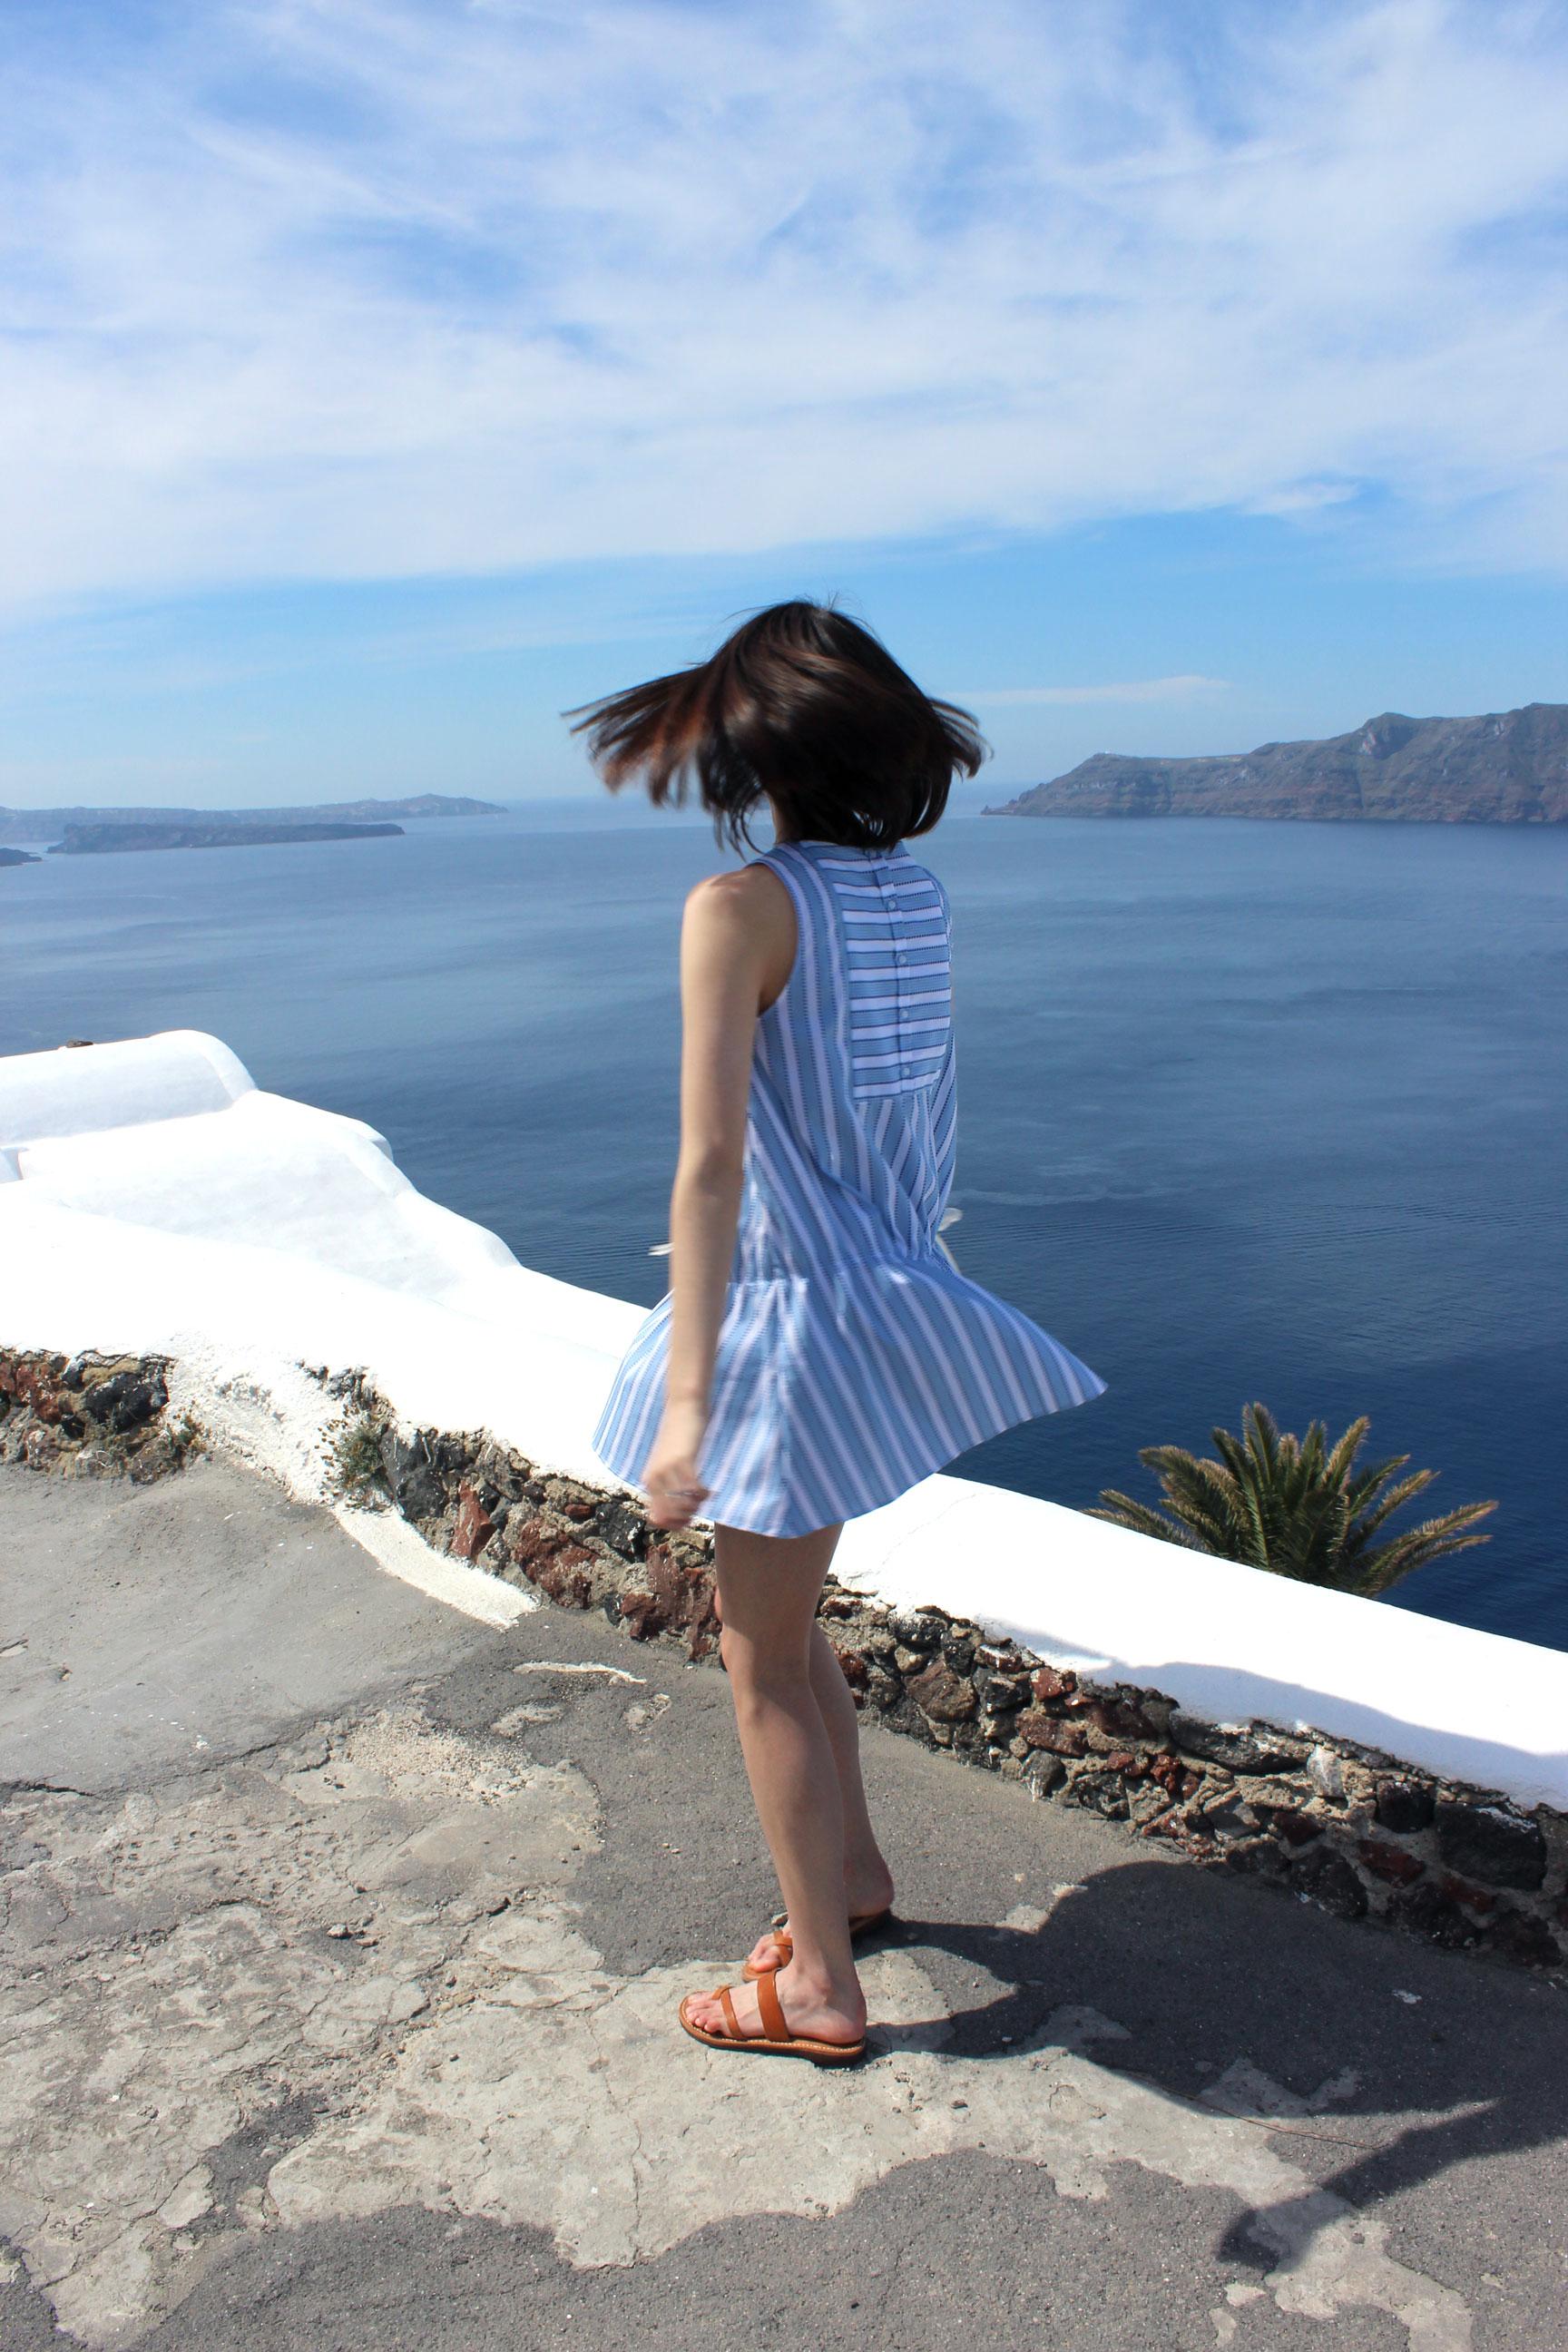 Spinning around in Oia, Santorini.